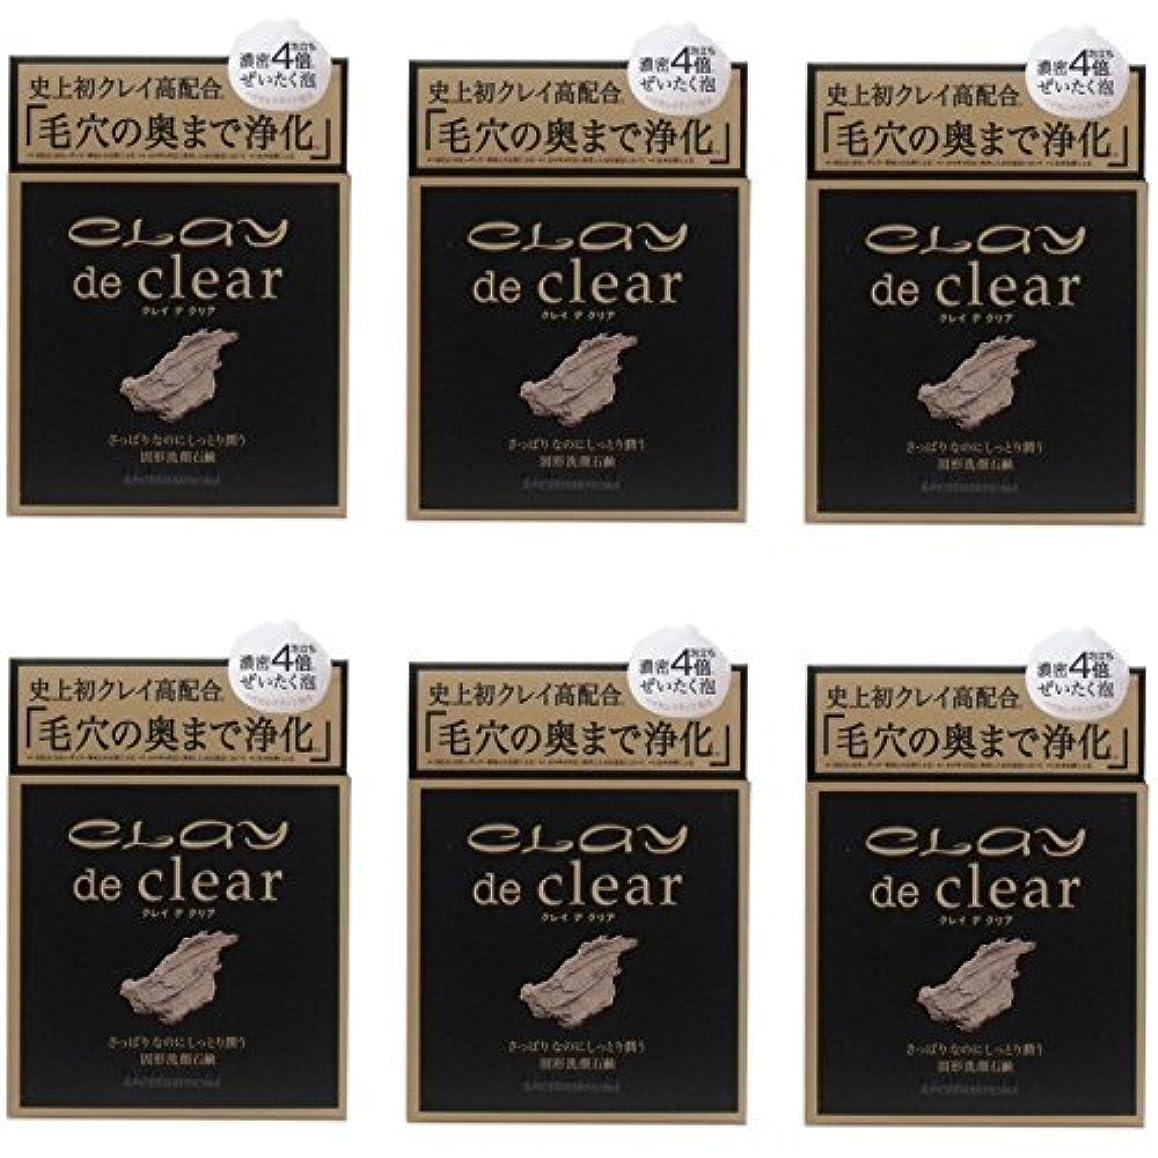 レンド減らすそれら【まとめ買い】クレイ デ クリア フェイシャルソープ 80g【×6個】